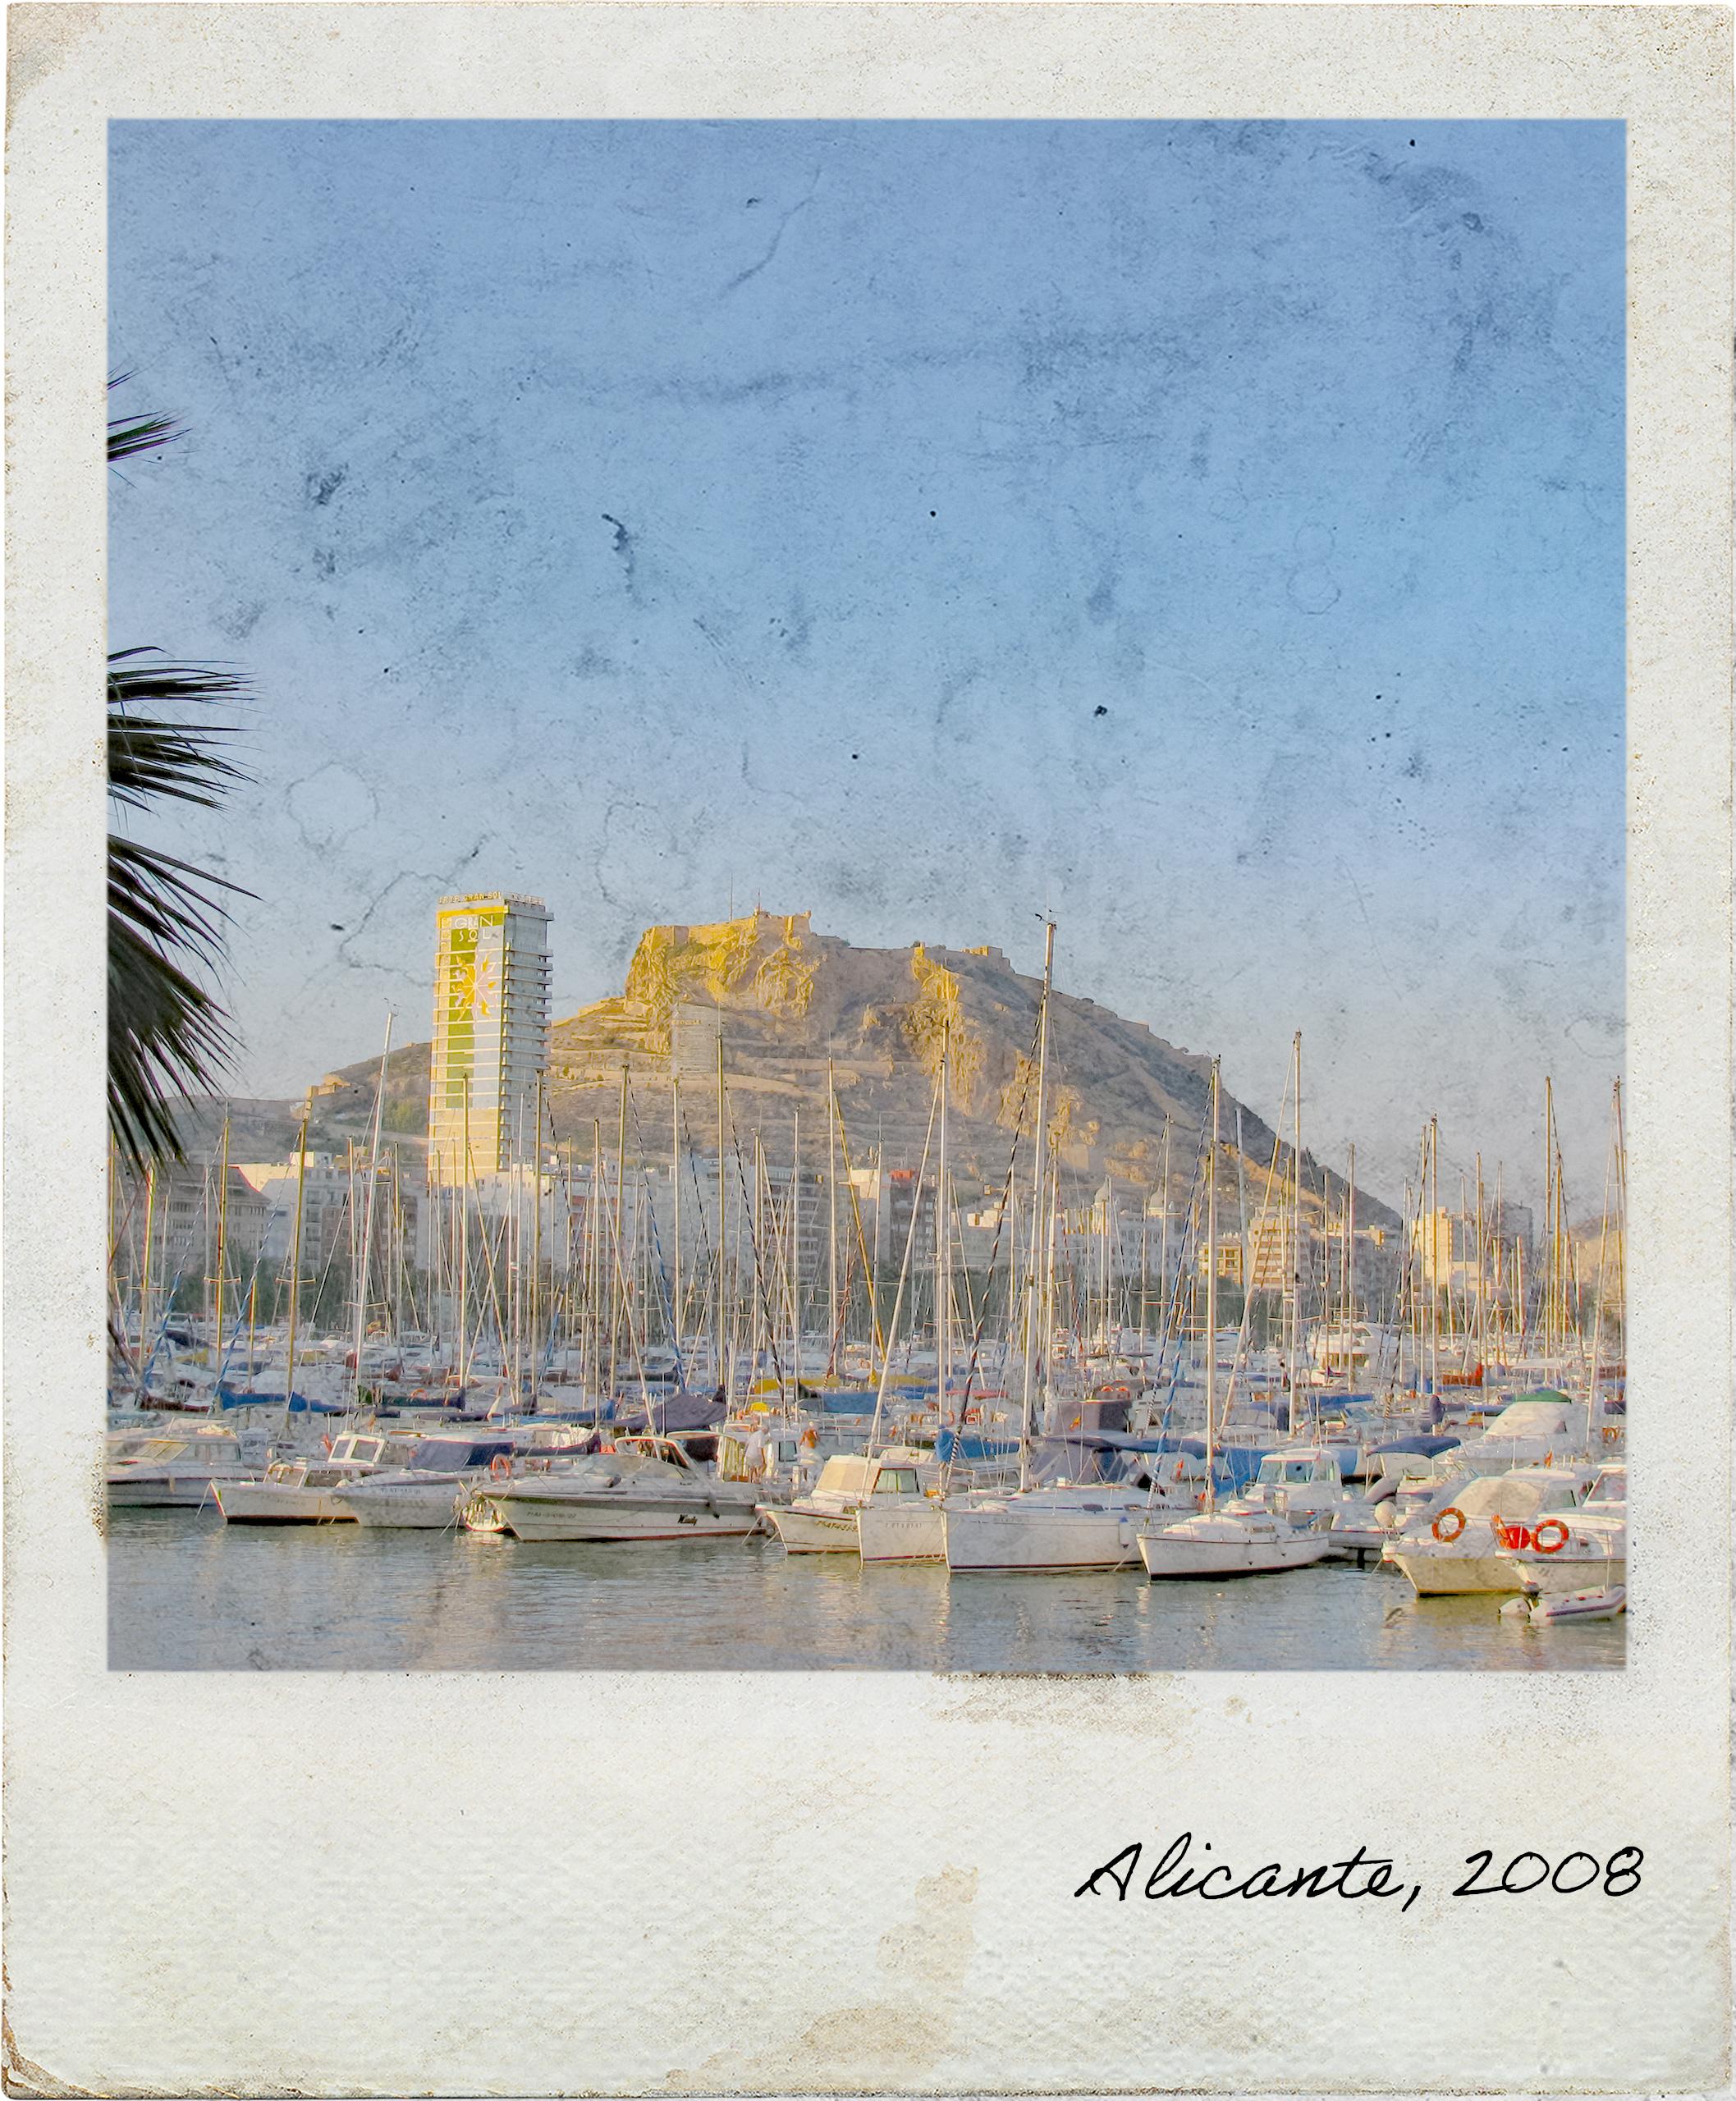 Marina e Castelo de Alicante